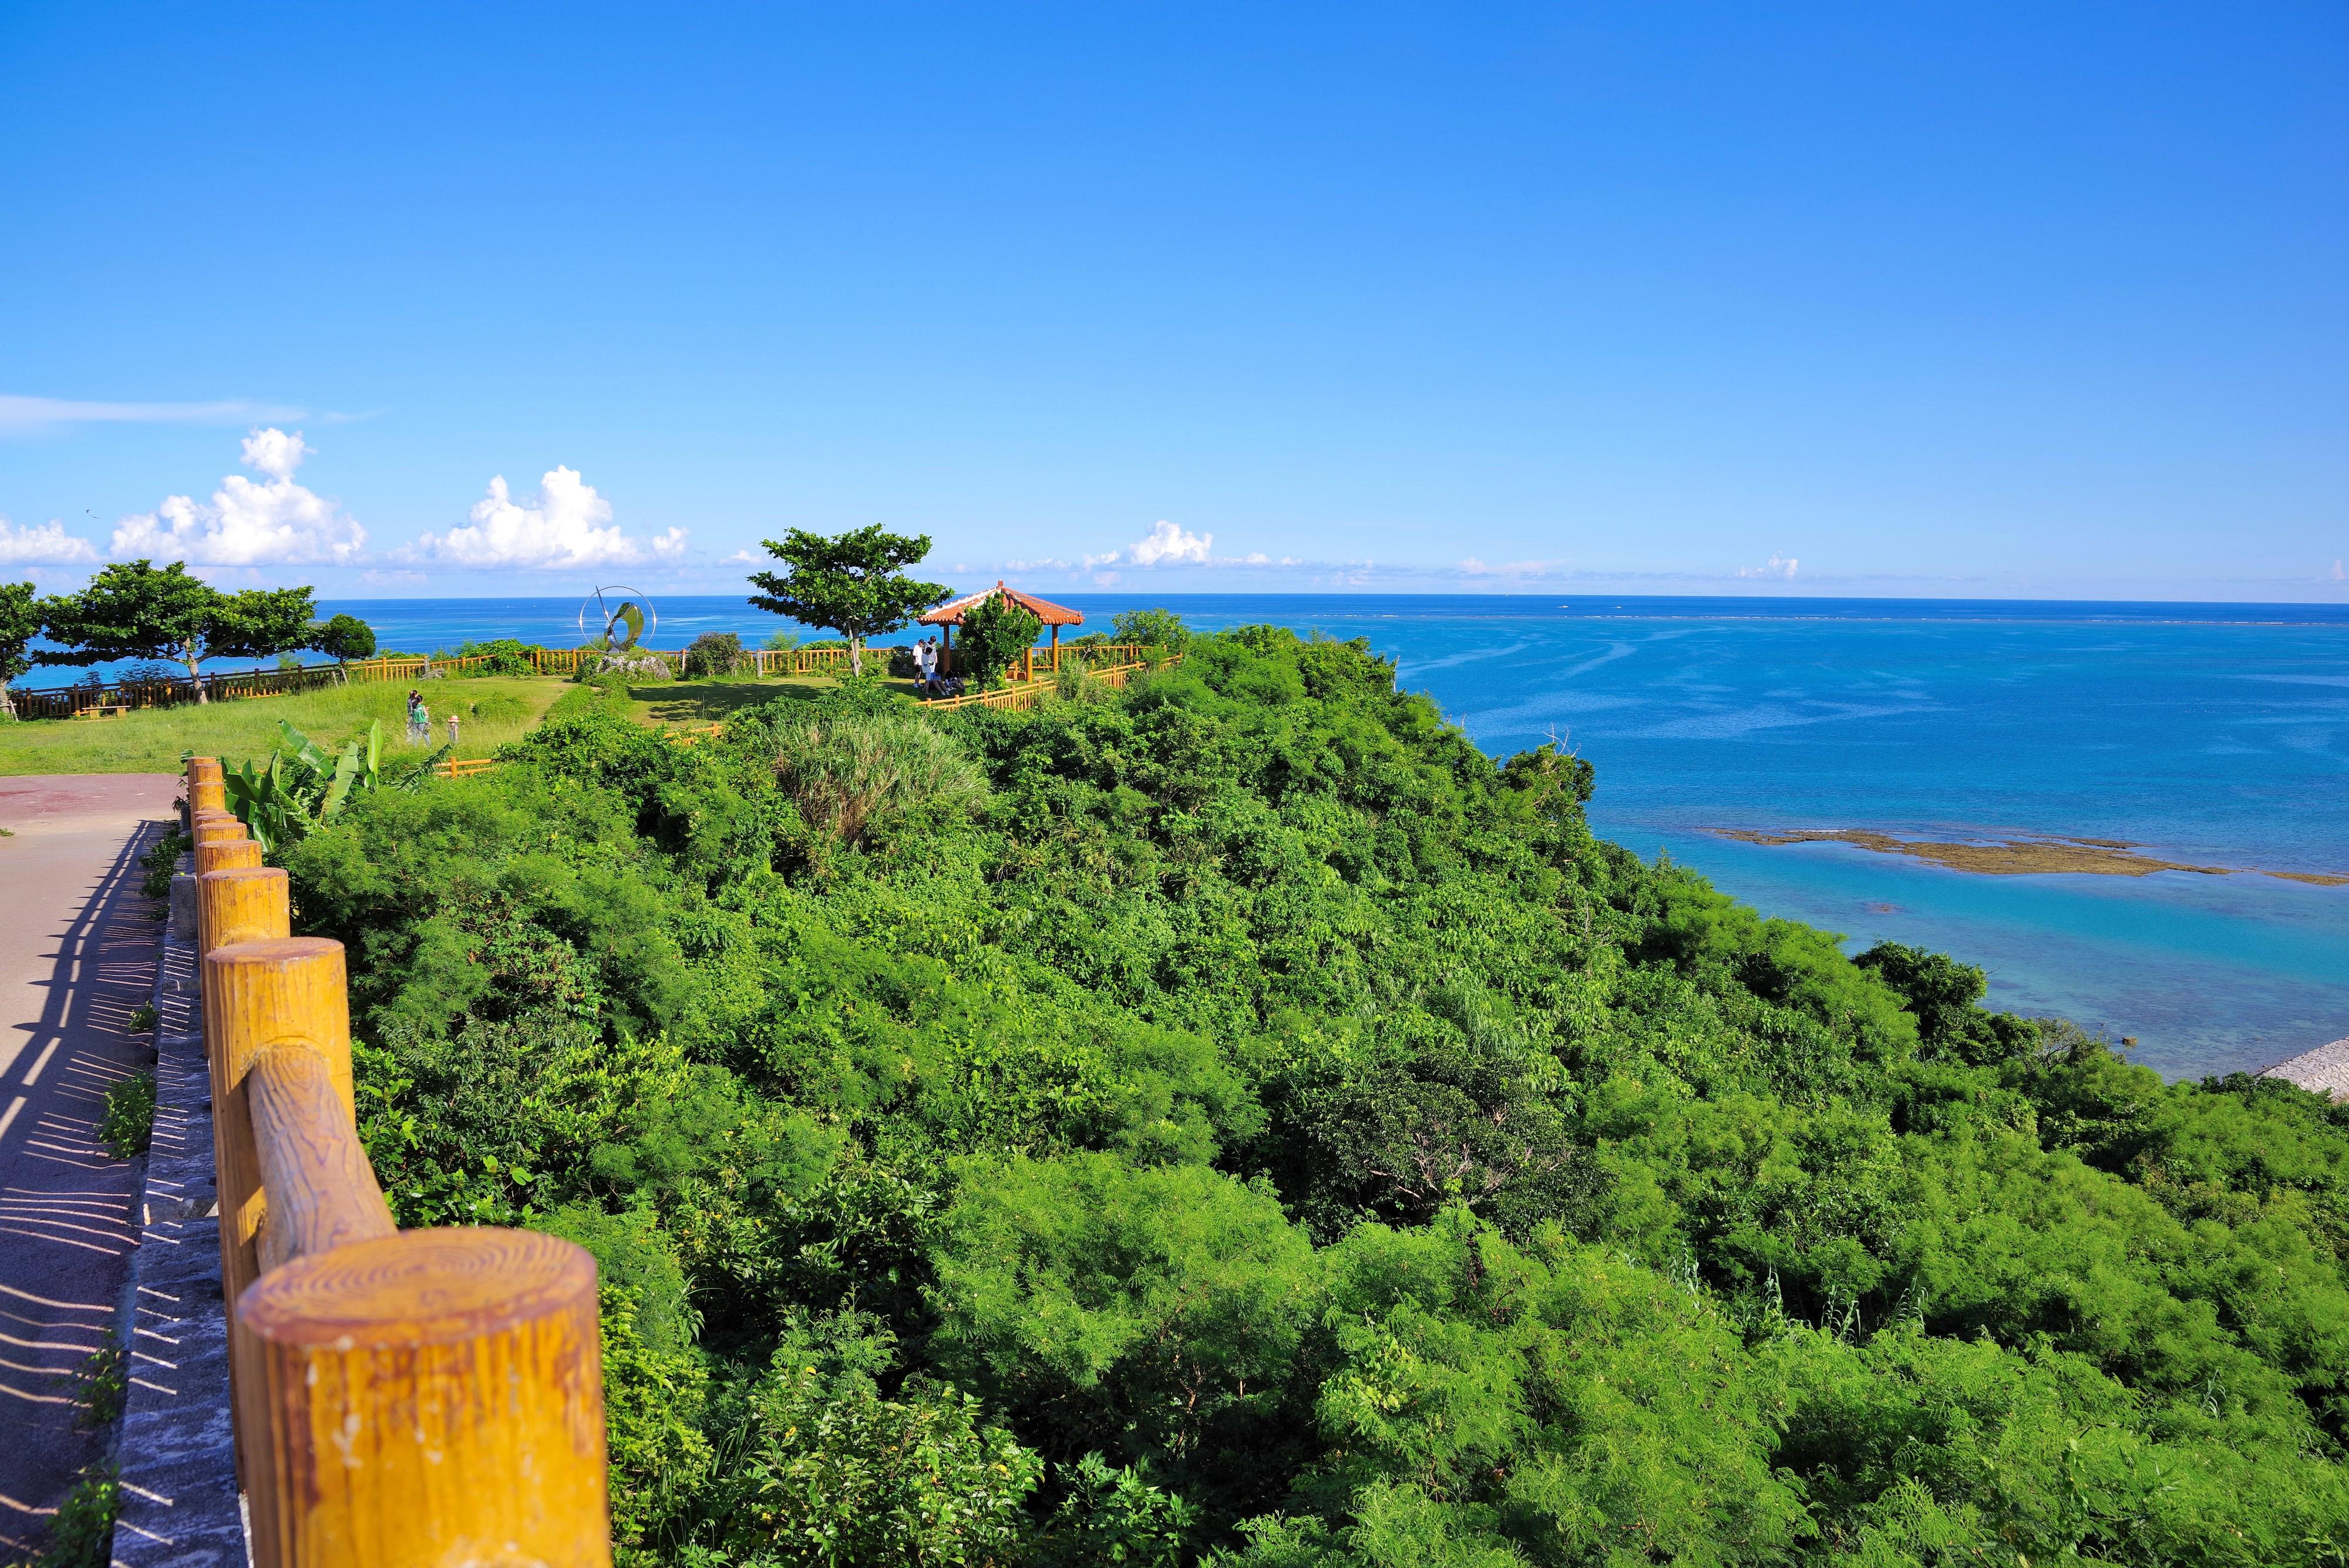 Cape Chinen Park